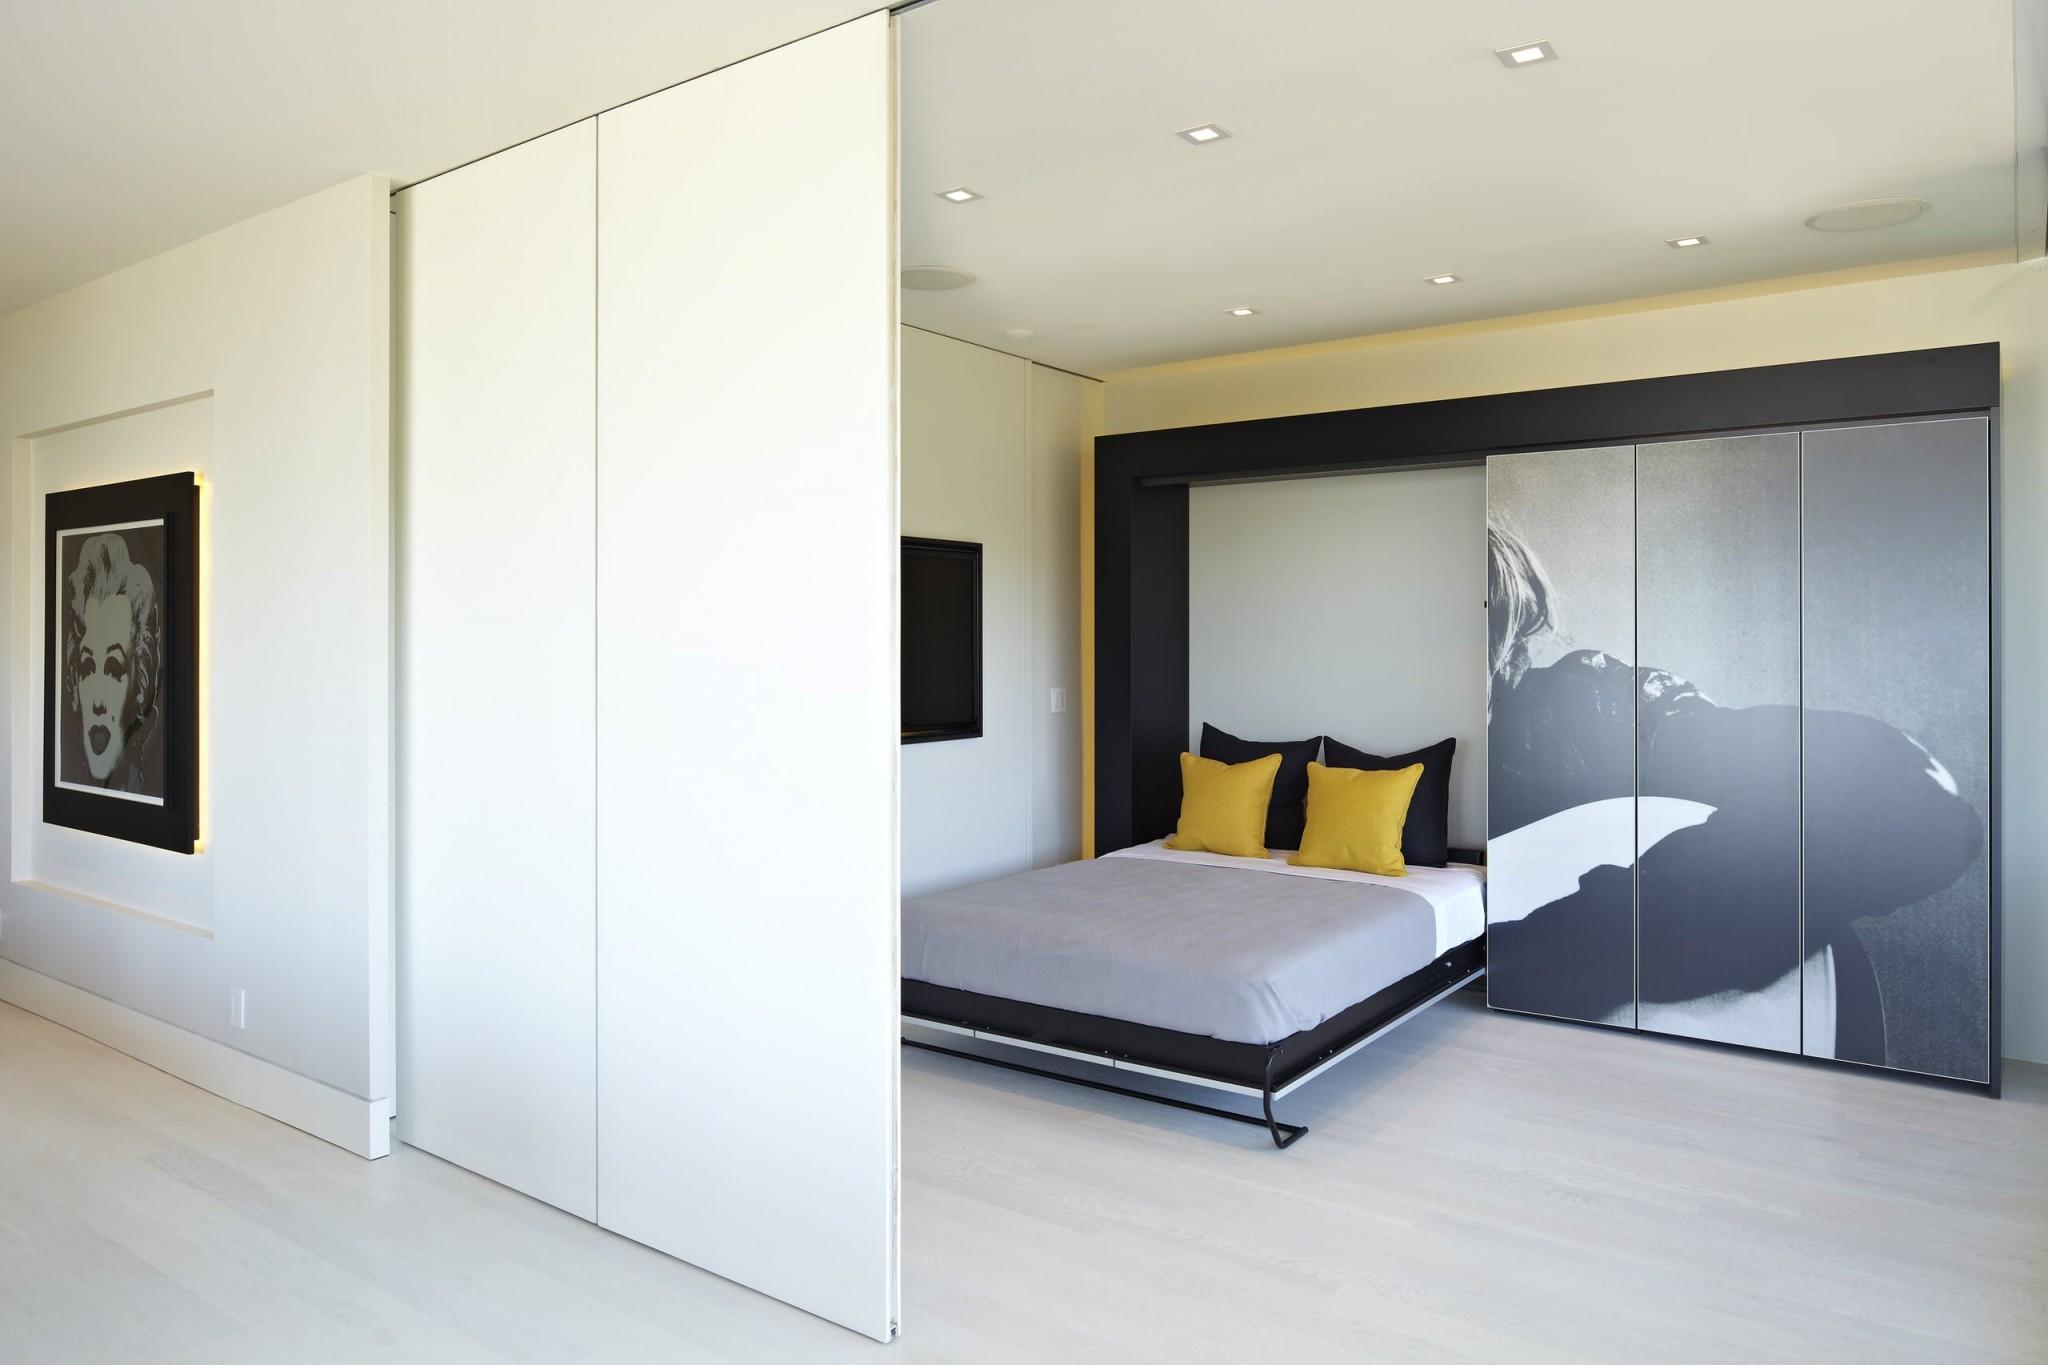 Спальня в однокомнатной квартире со складной кроватью